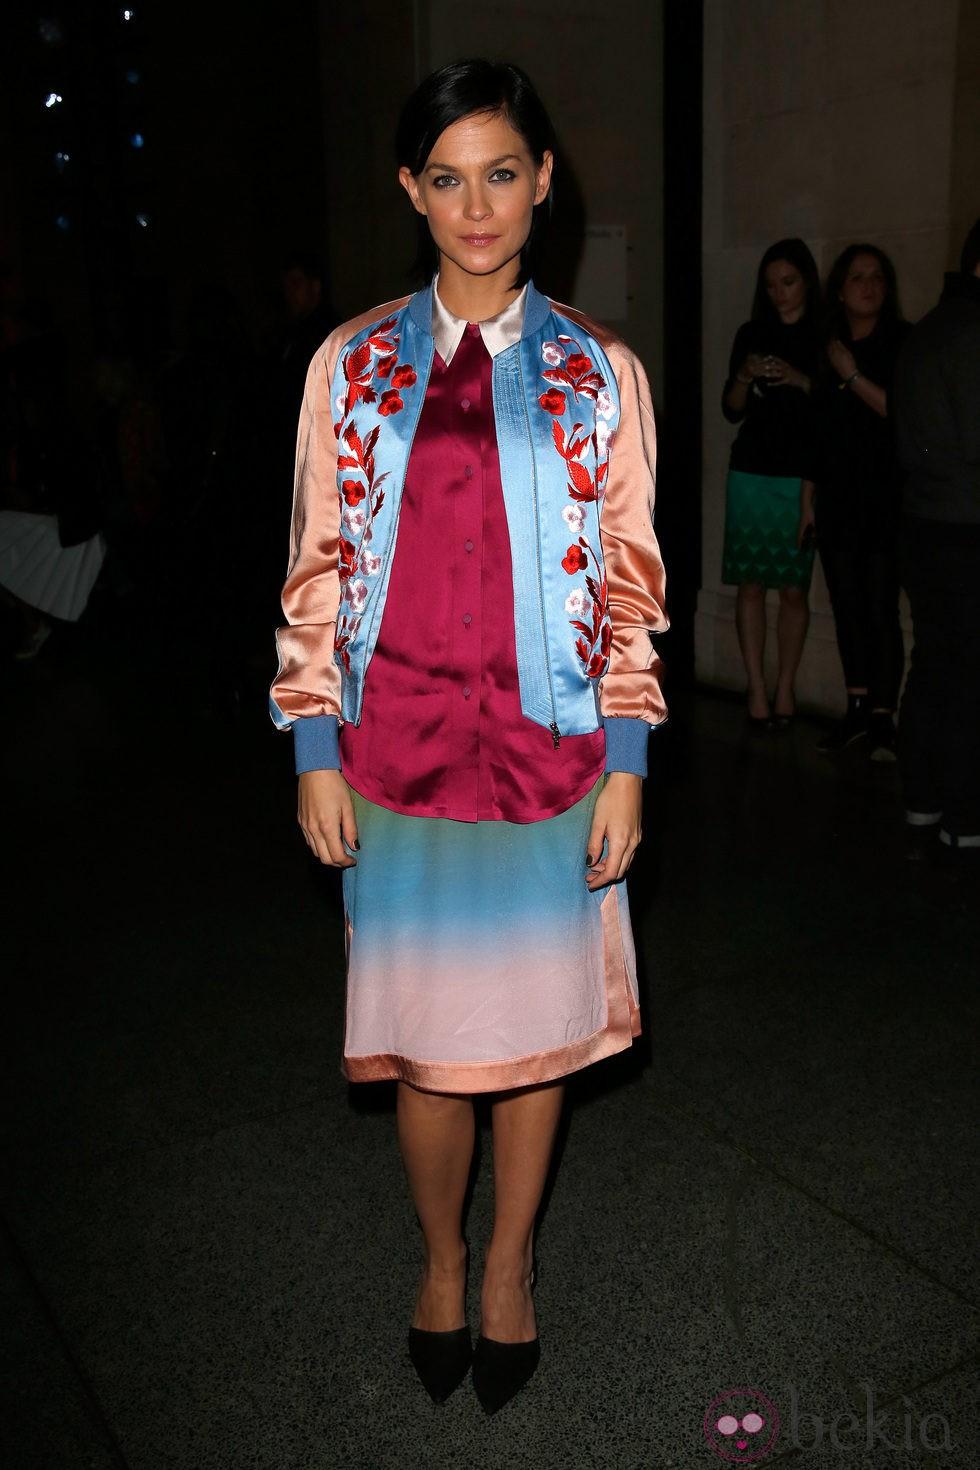 Leigh Lezark en el front row de la Semana de la Moda de Londres 2014